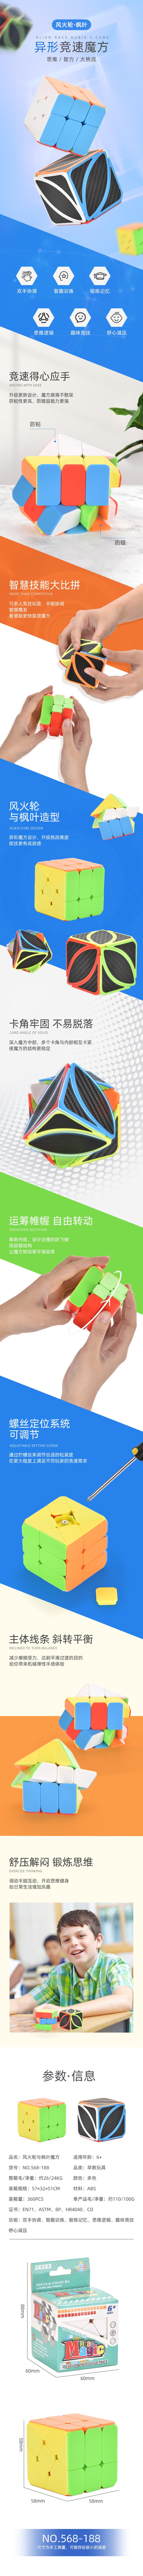 动展玩具厂-(568-188)-风火轮与枫叶魔方-中文详情页.jpg